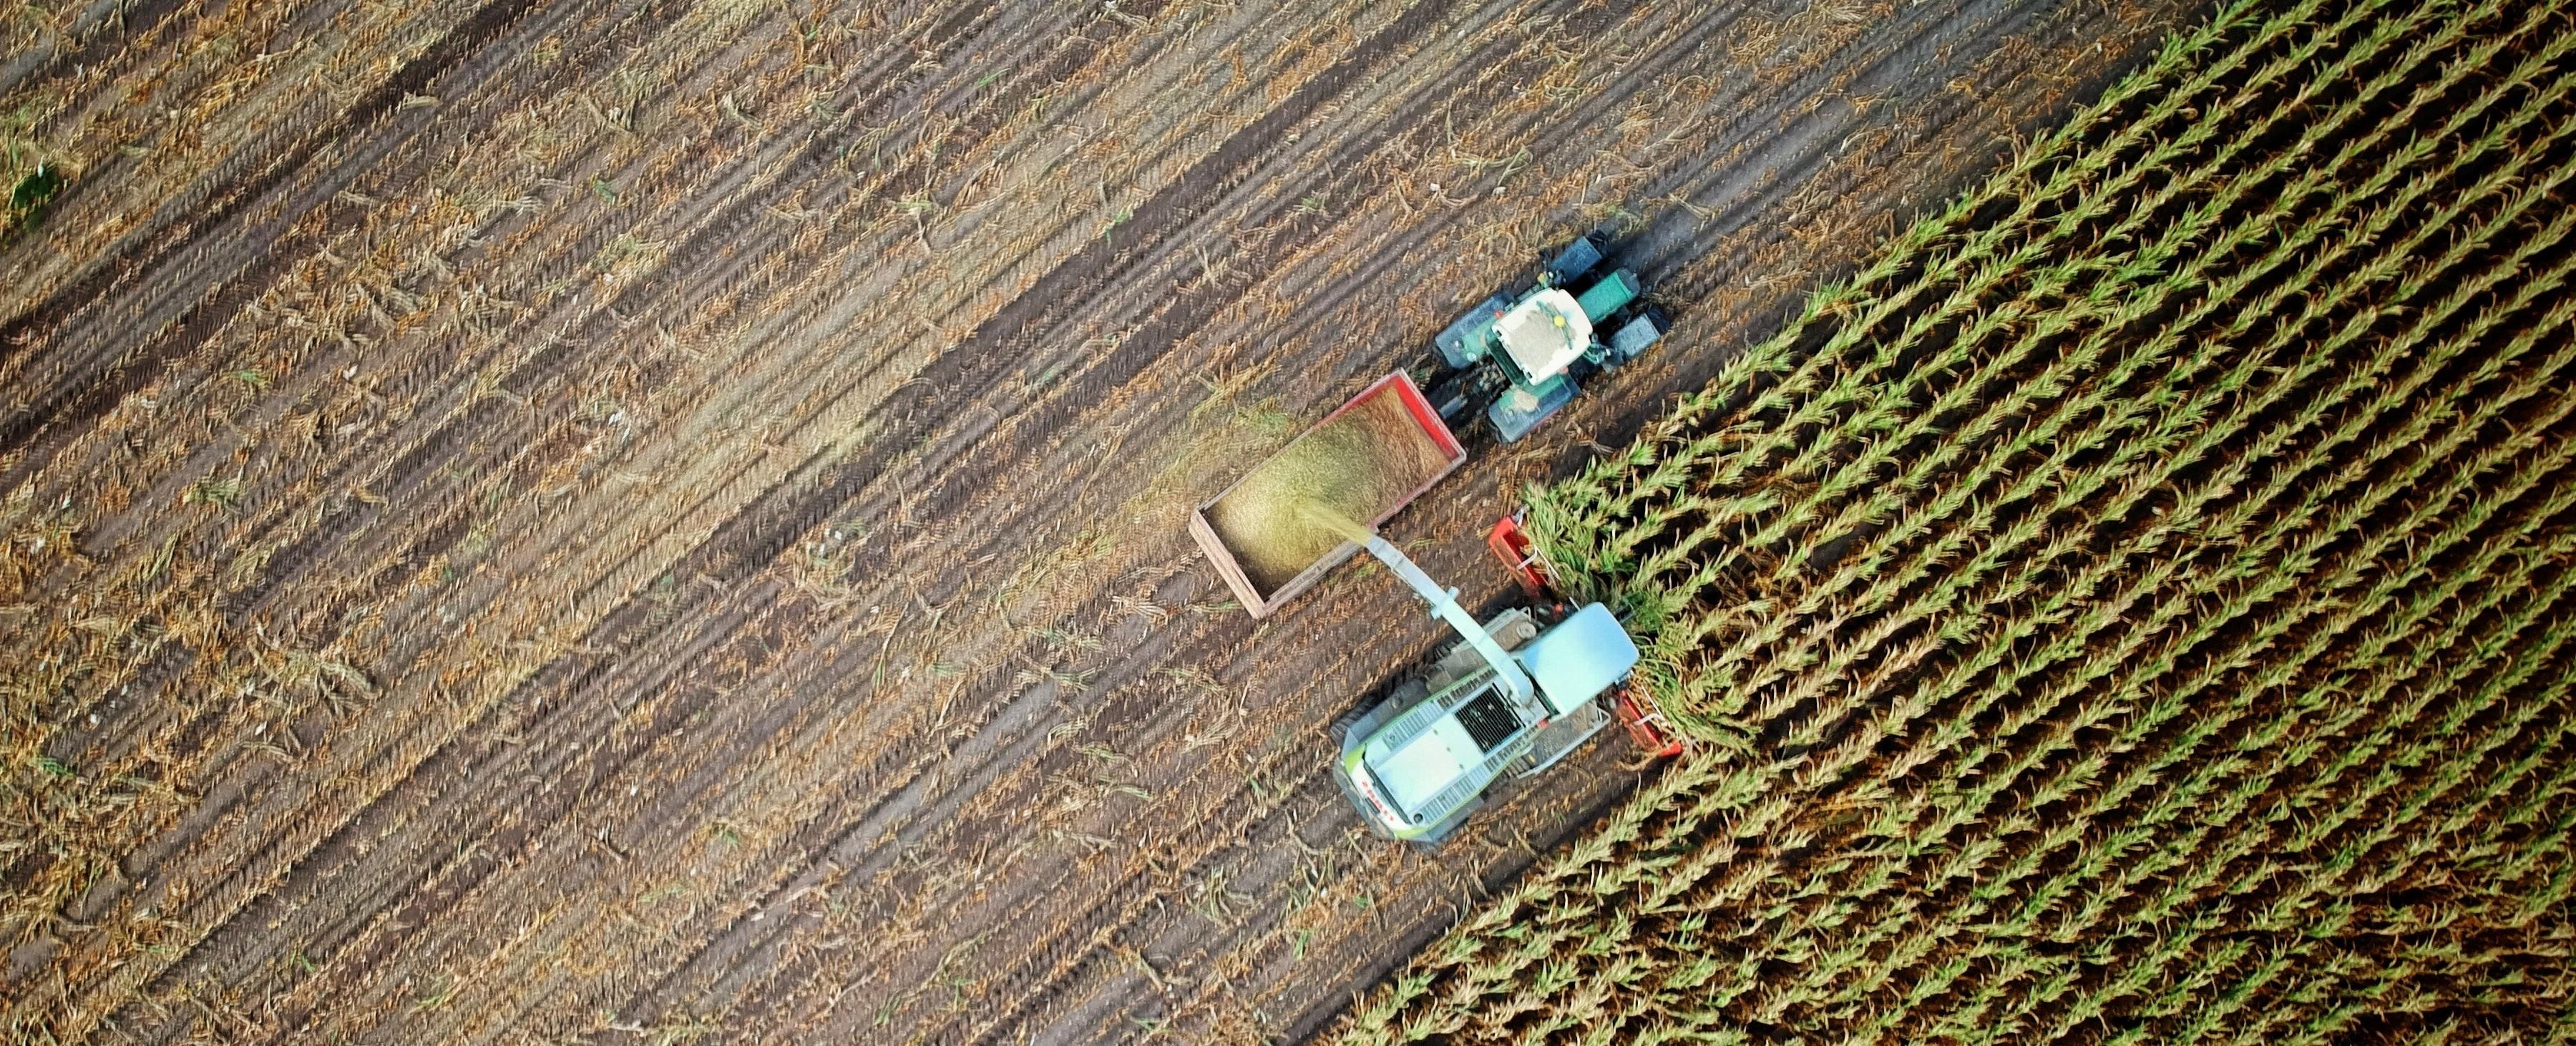 Seguro rural é investimento fundamental para o futuro do agro